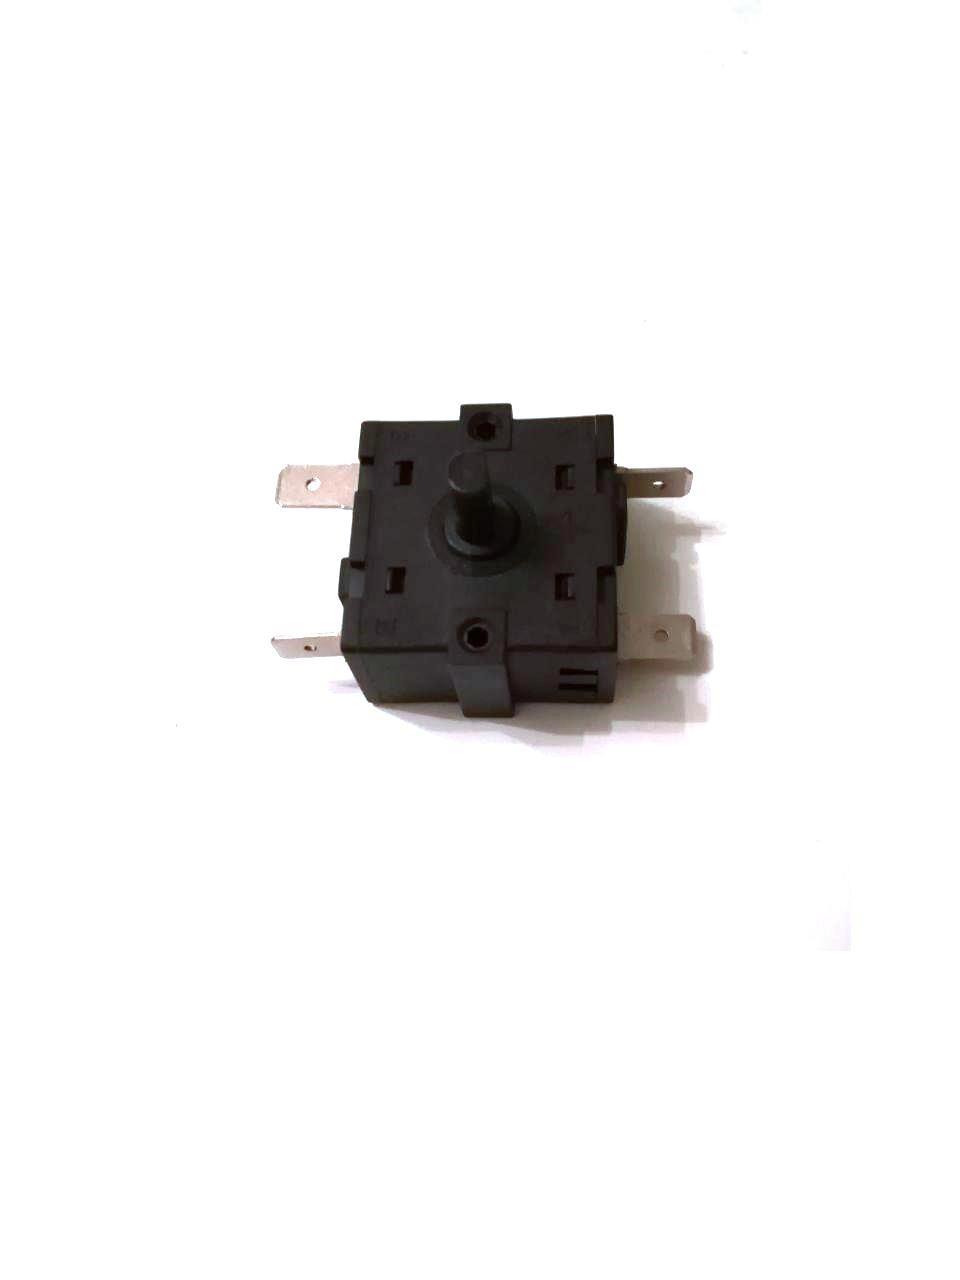 Переключатель для обогревателя, электрокамина на 4 выходов